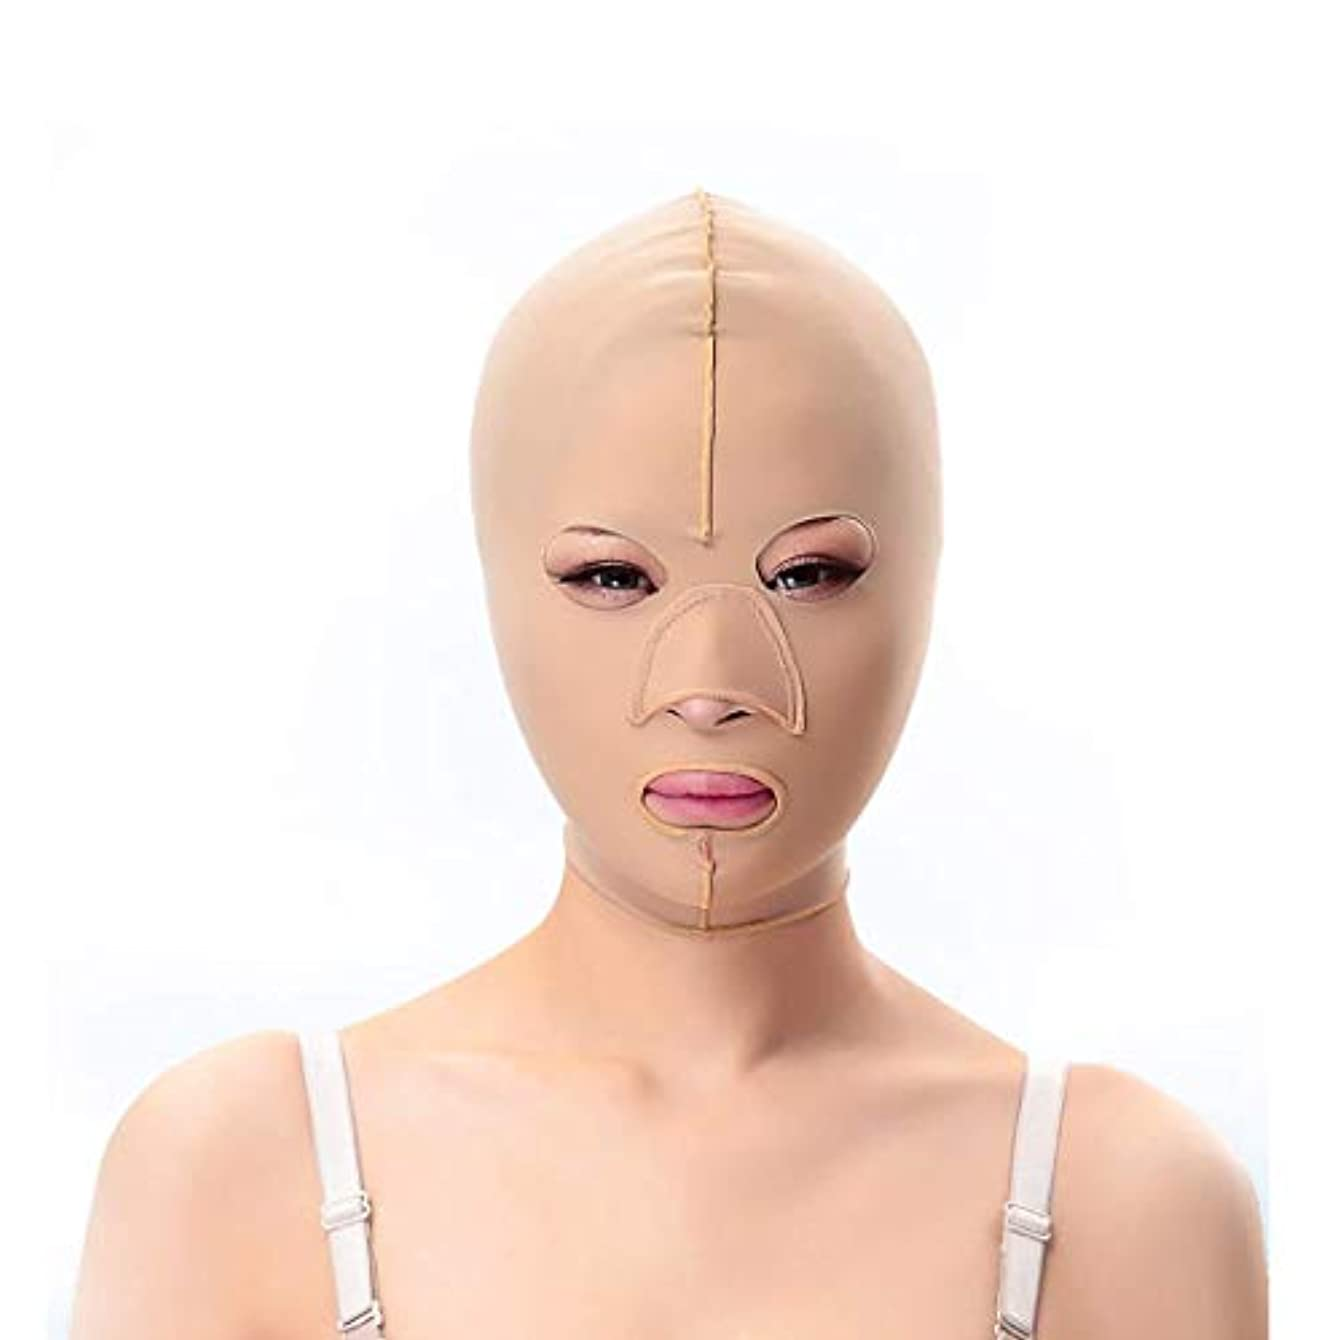 ポスターシネウィ納屋スリミングベルト、二重あごの引き締め顔のプラスチックフェイスアーティファクト強力なフェイス包帯を脇に持ち上げるパターンを欺くためのフェイシャルマスクシンフェイスマスク(サイズ:L),M